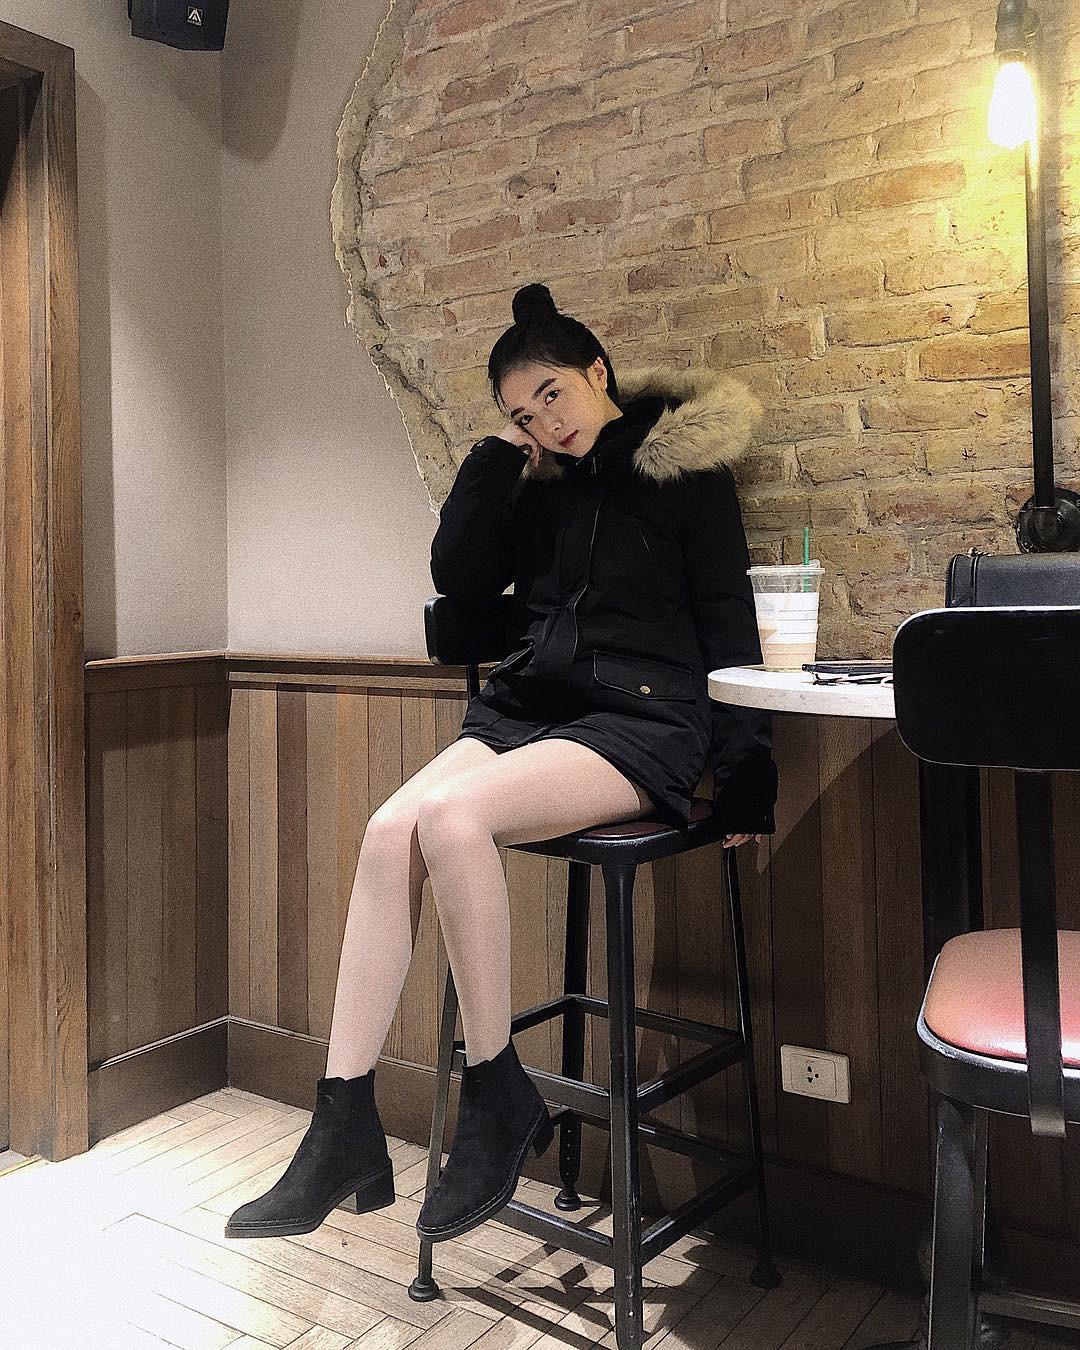 Người yêu Đức Chinh chứng minh: Con gái lúc trên mạng và khi về quê ra mắt là hai khái niệm không hề liên quan - Ảnh 5.